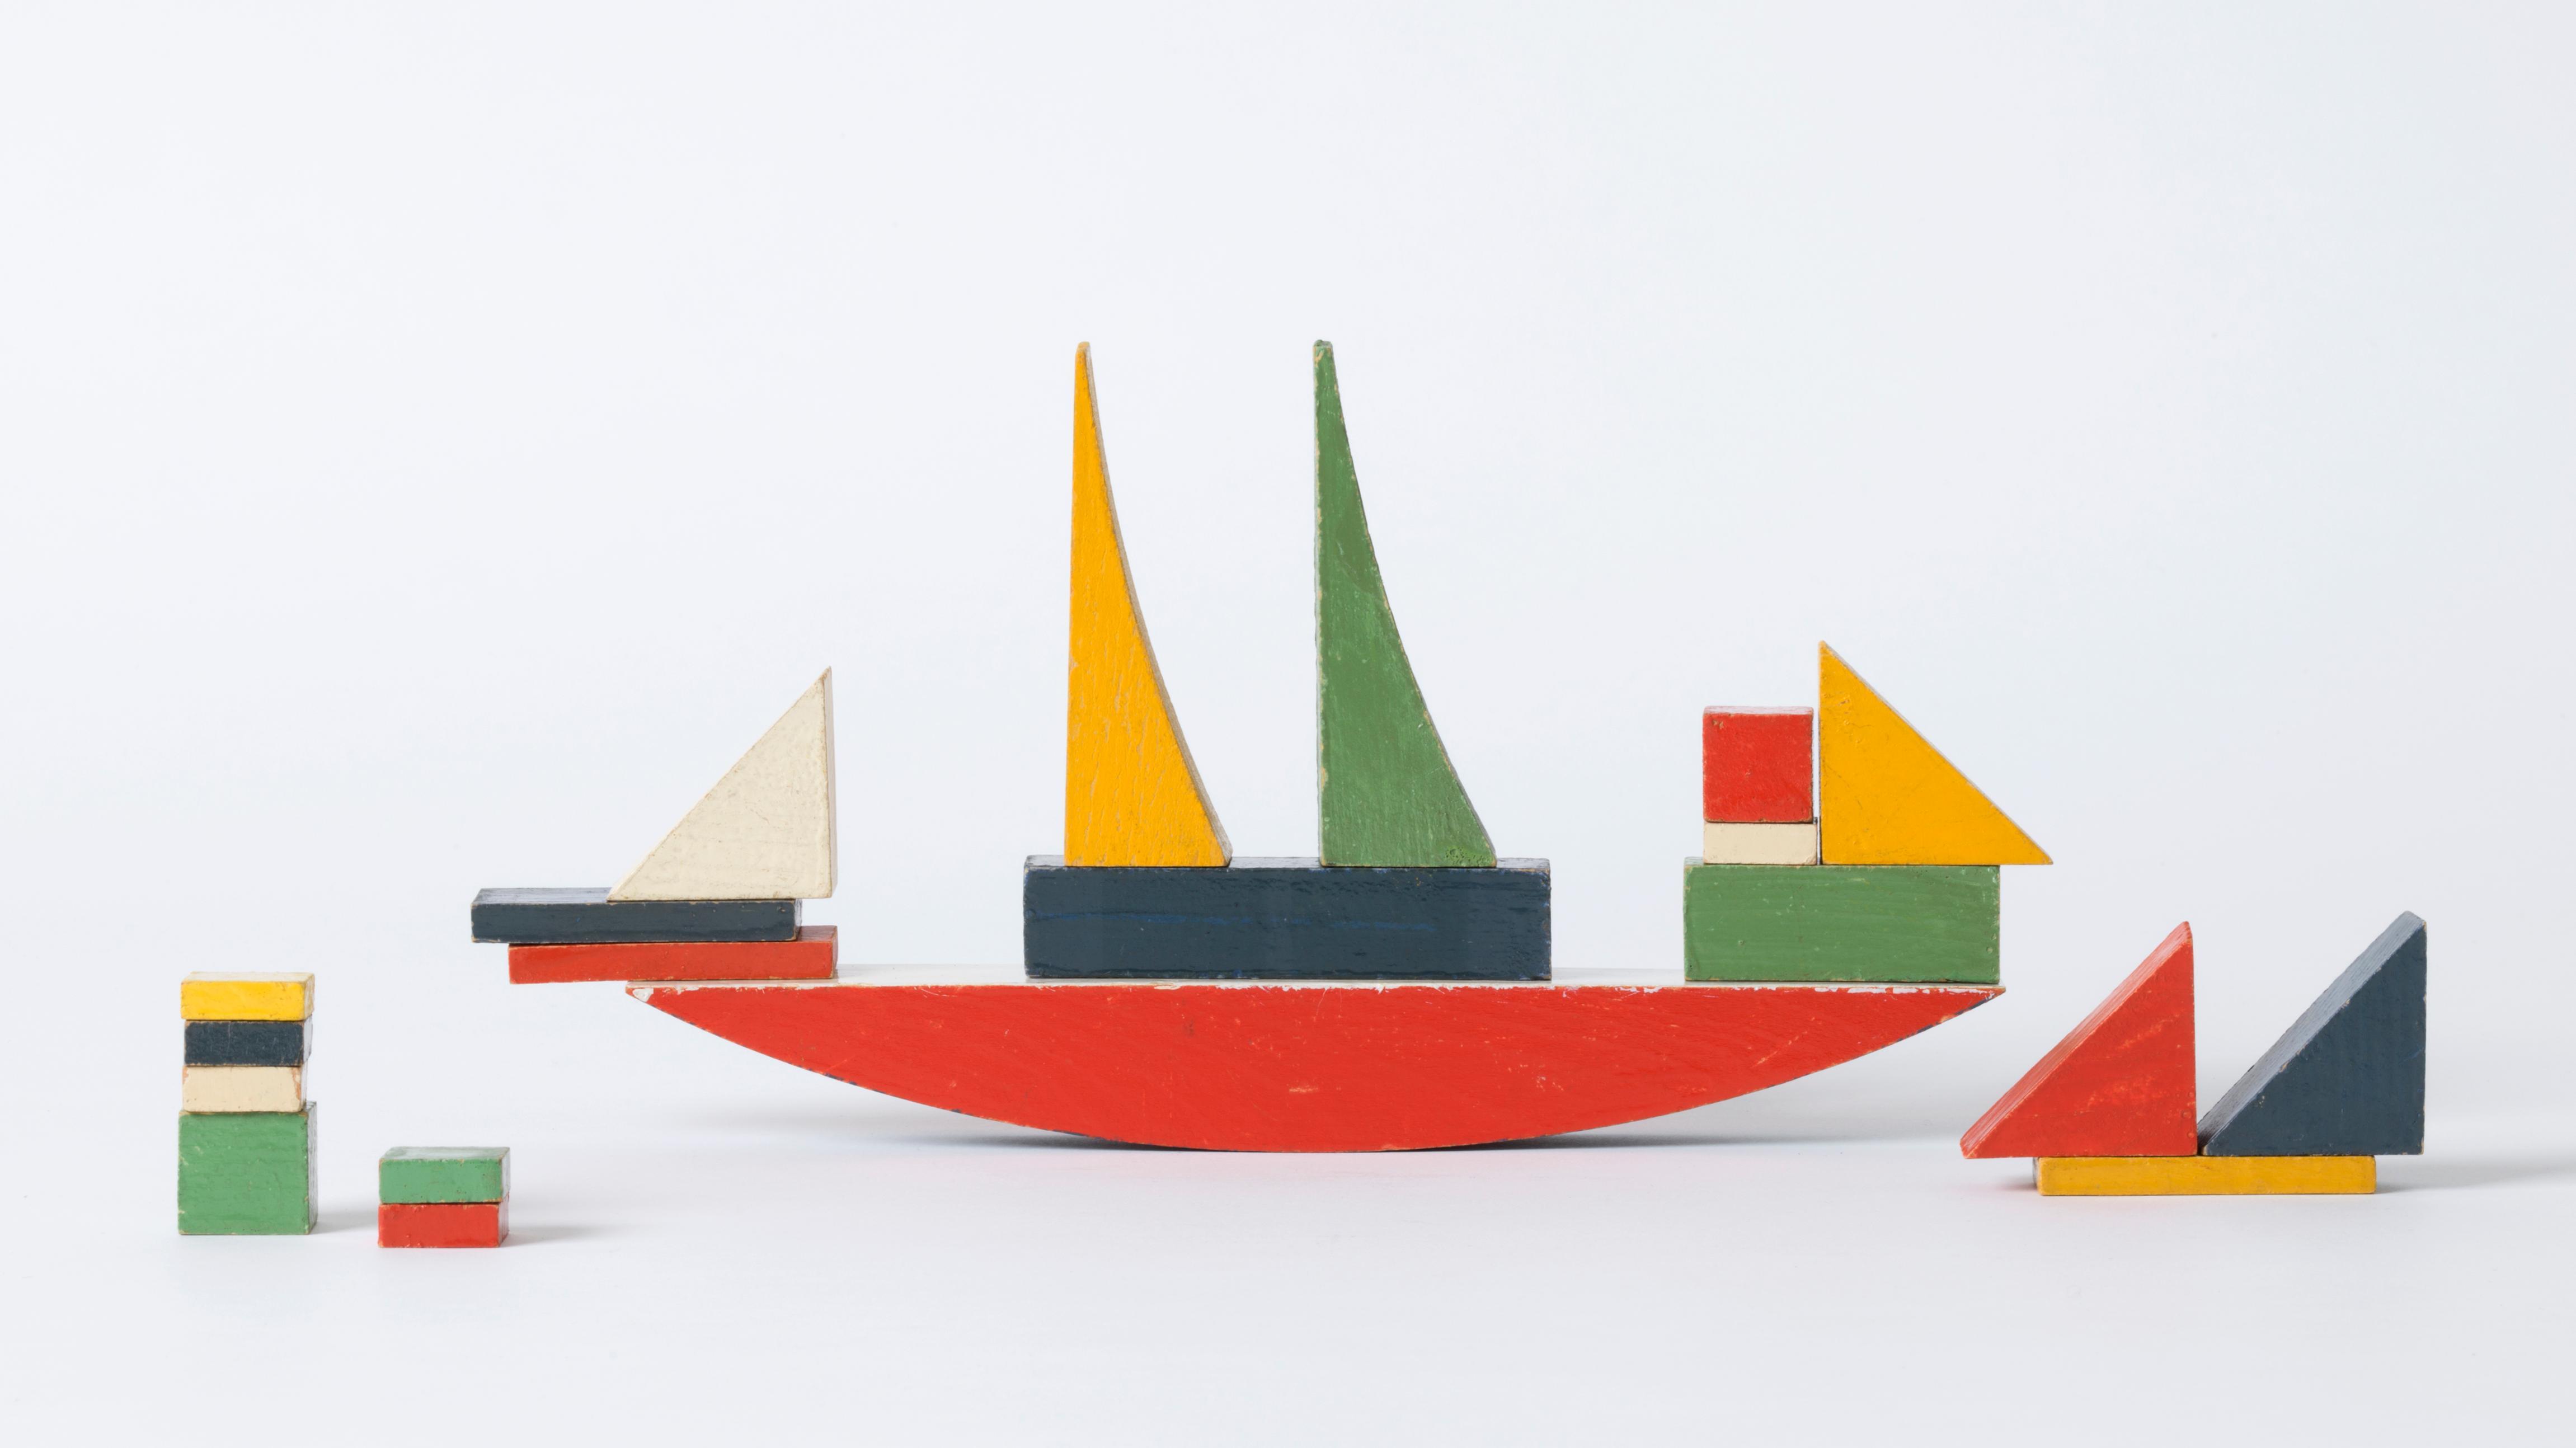 Kinderspielzeug von Alma Siedhoff-Buscher: Bunte Bauklötze formen ein Schiff mit Beibooten